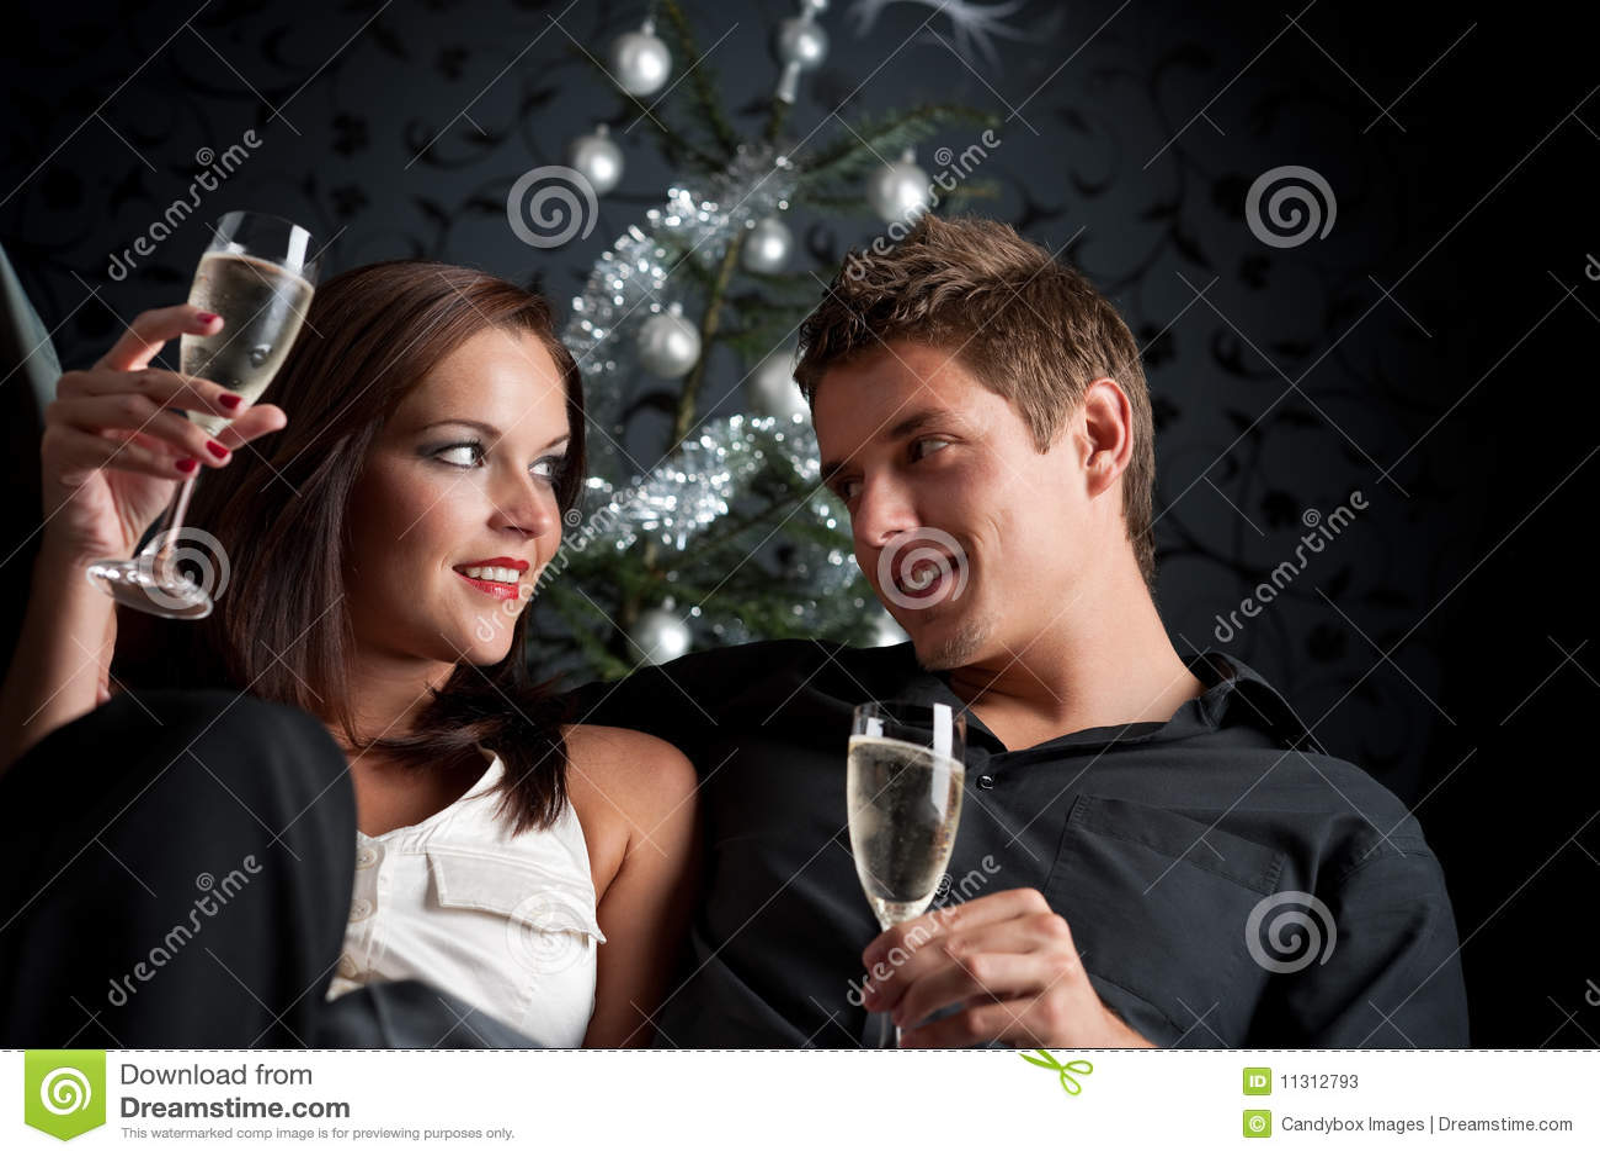 Разговоры с шампанским 2 фотография